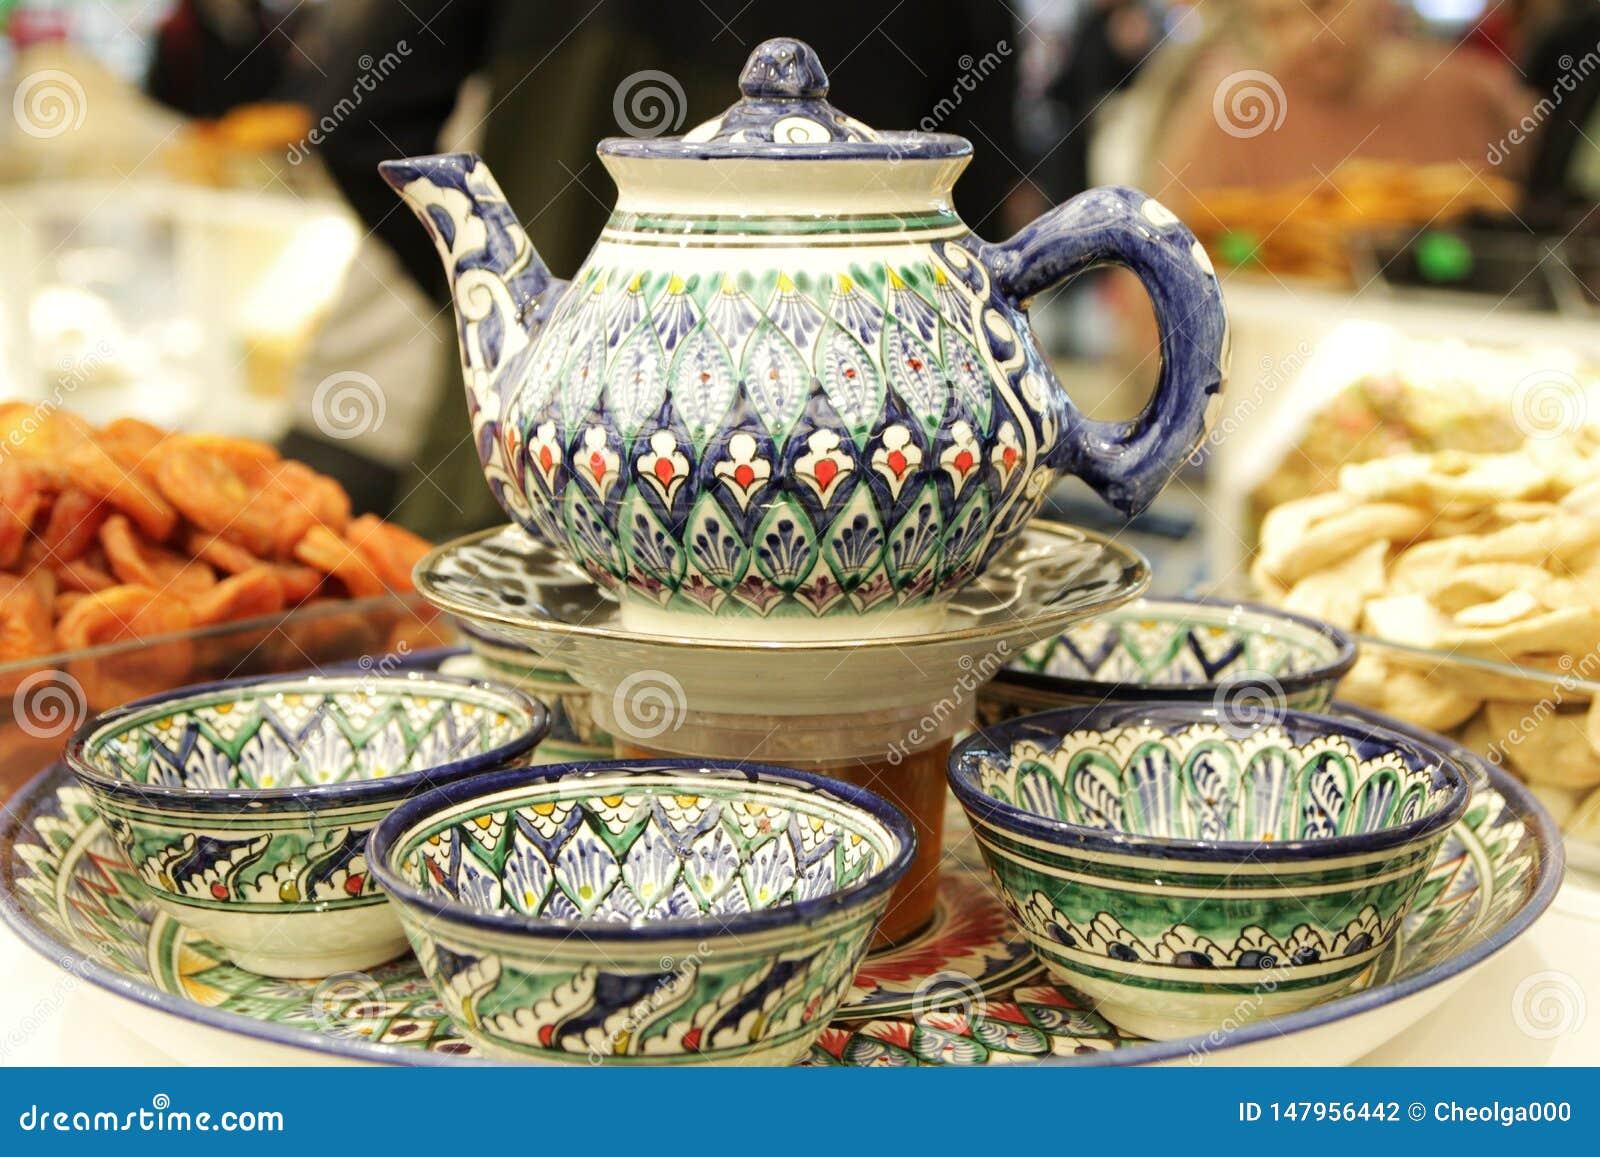 Набор чая, чайник, чашки, покрашенная турецкая керамика, помадки и высушенные плоды